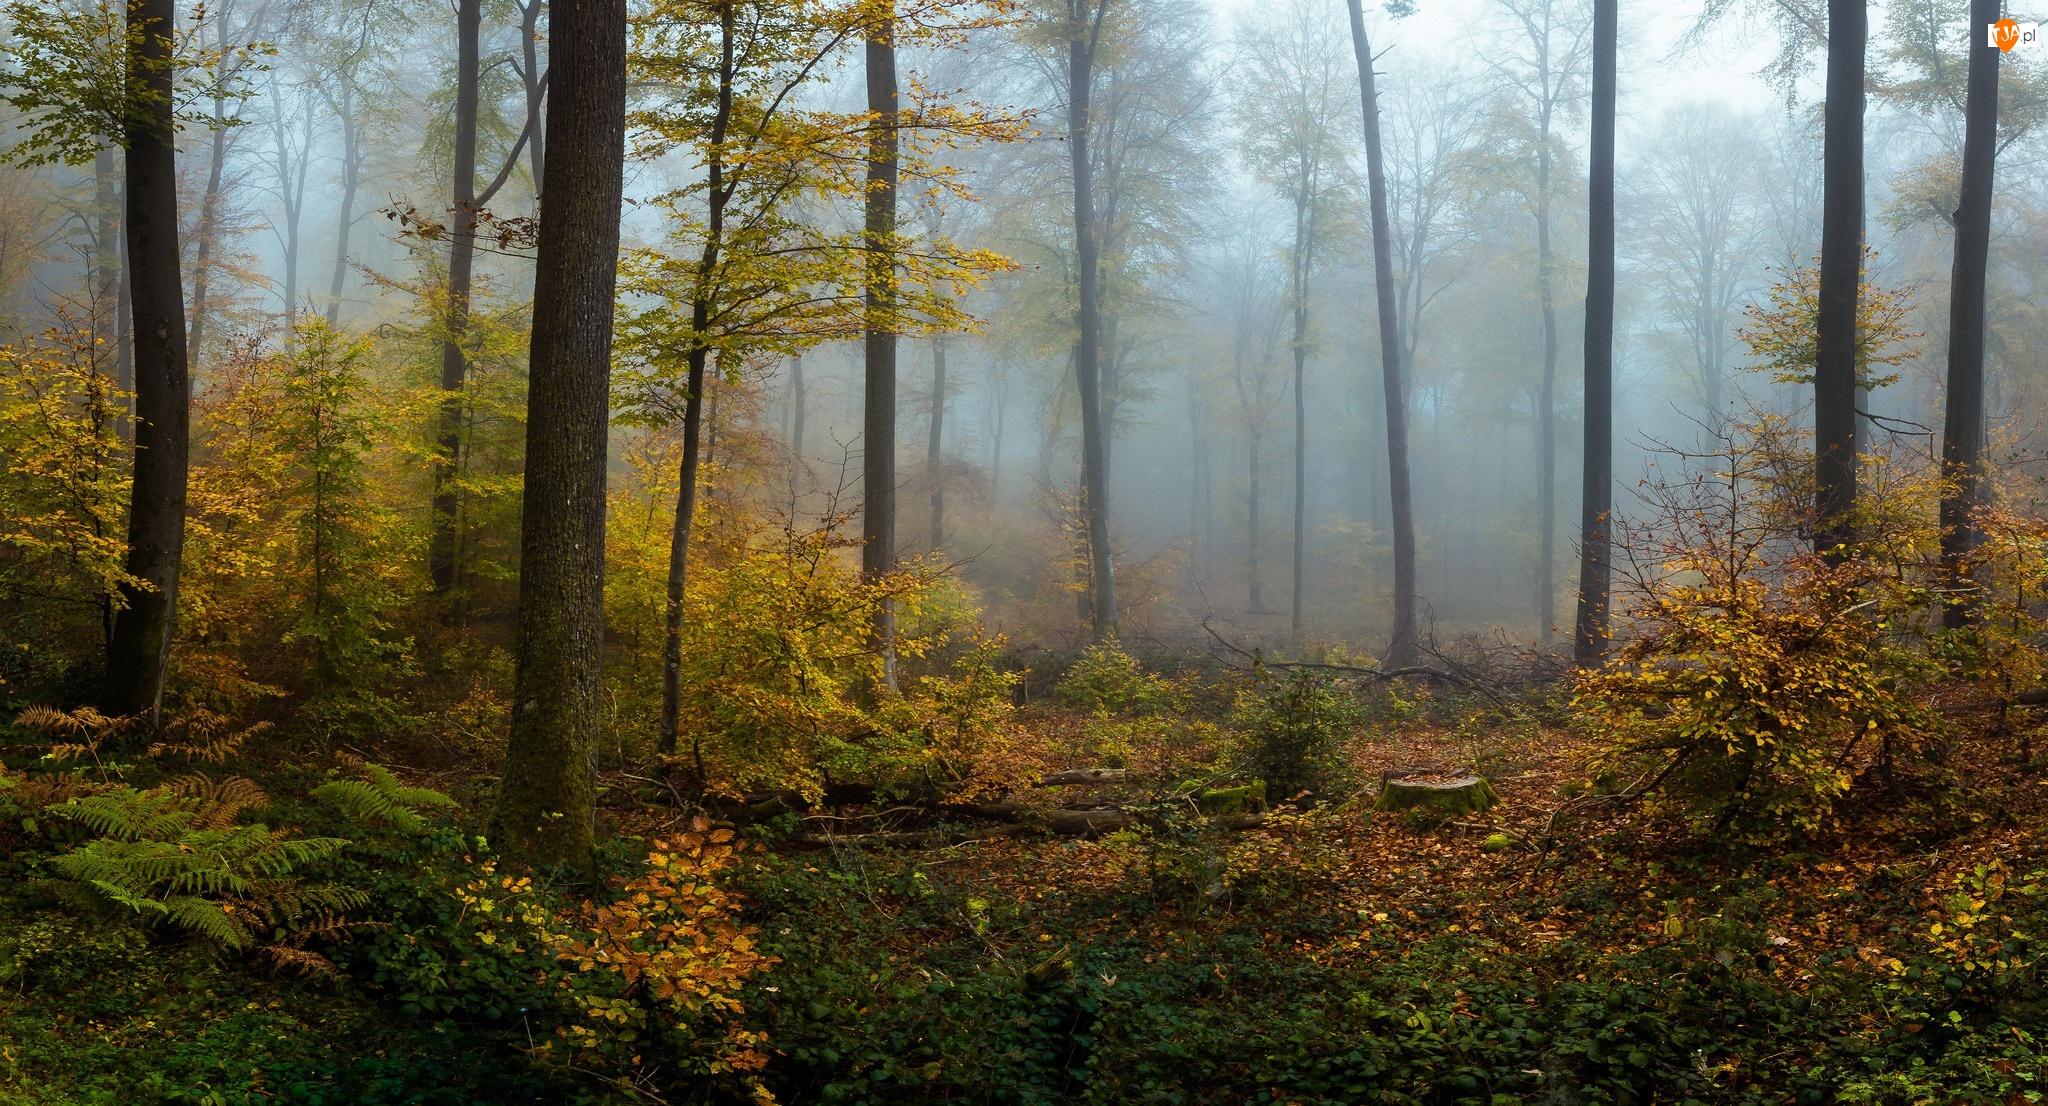 Rośliny, Jesień, Drzewa, Las, Mgła